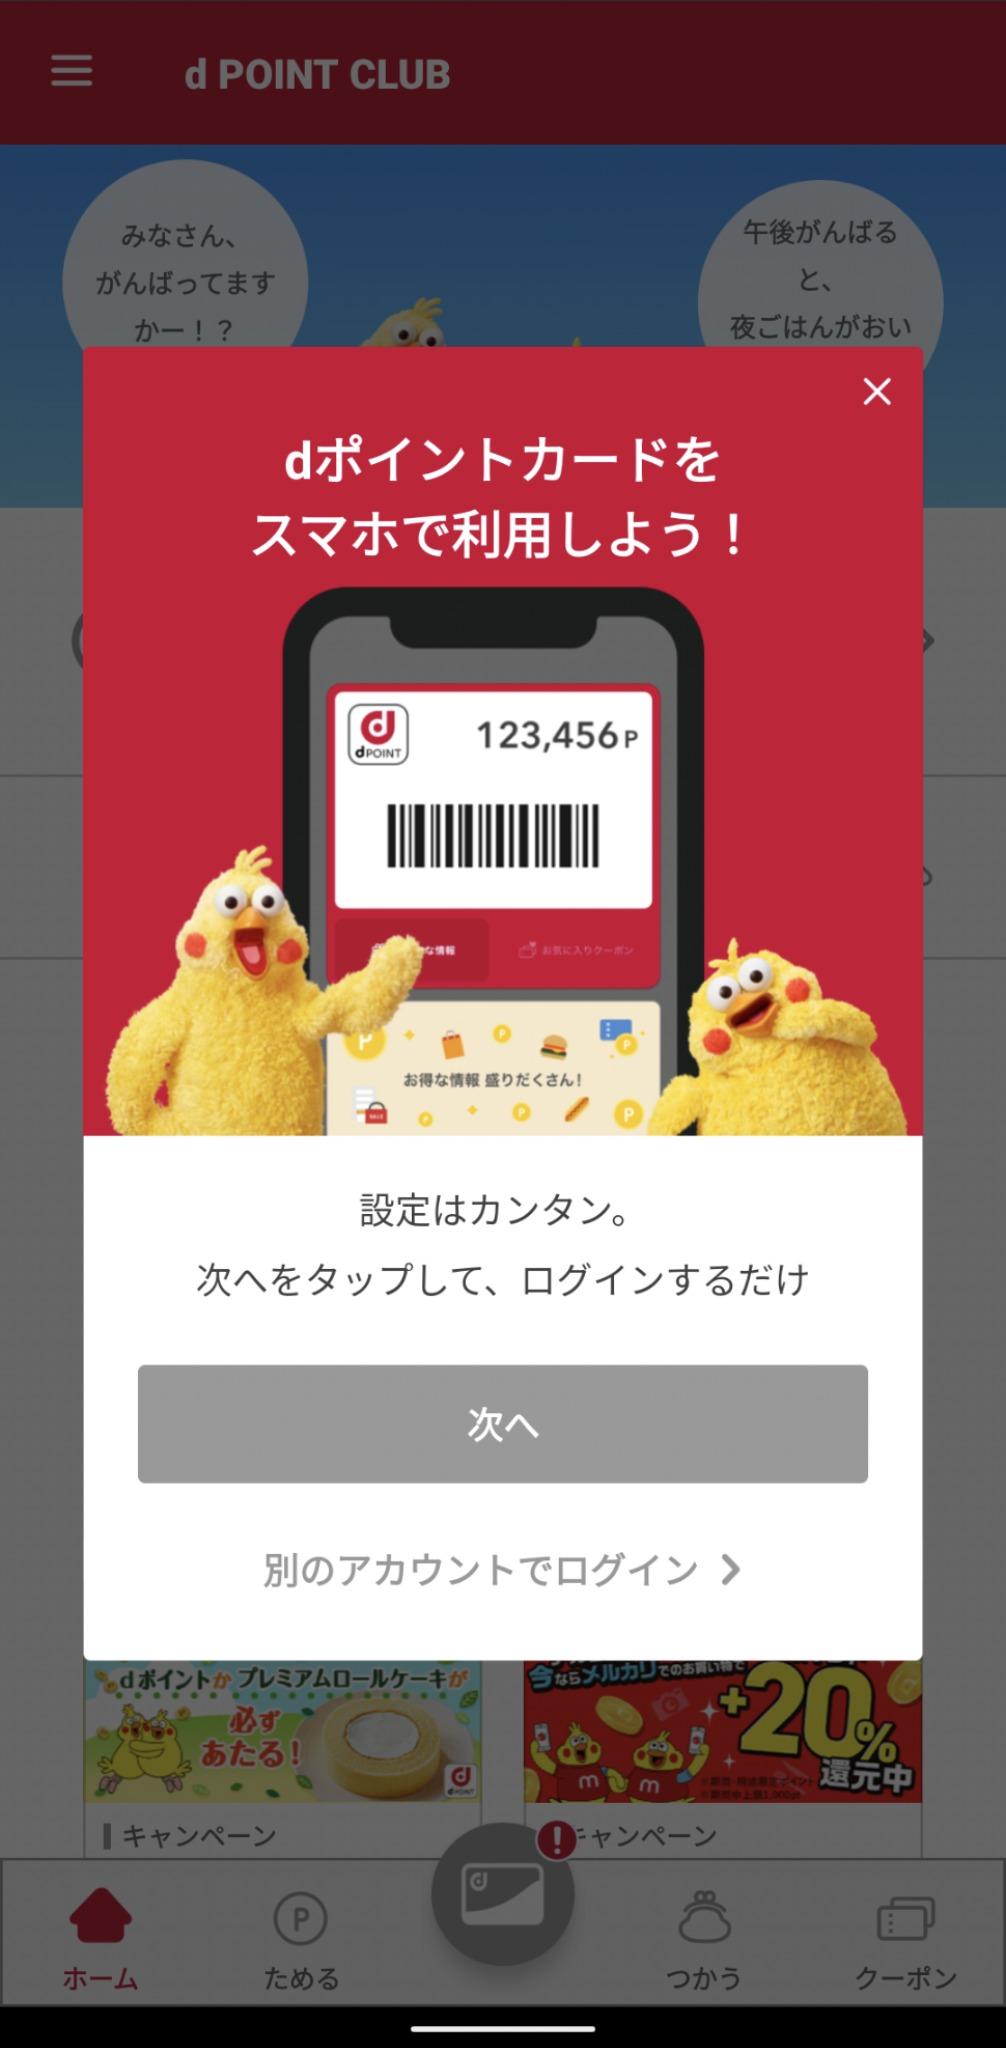 dポイントクラブアプリでdポイントカードを登録